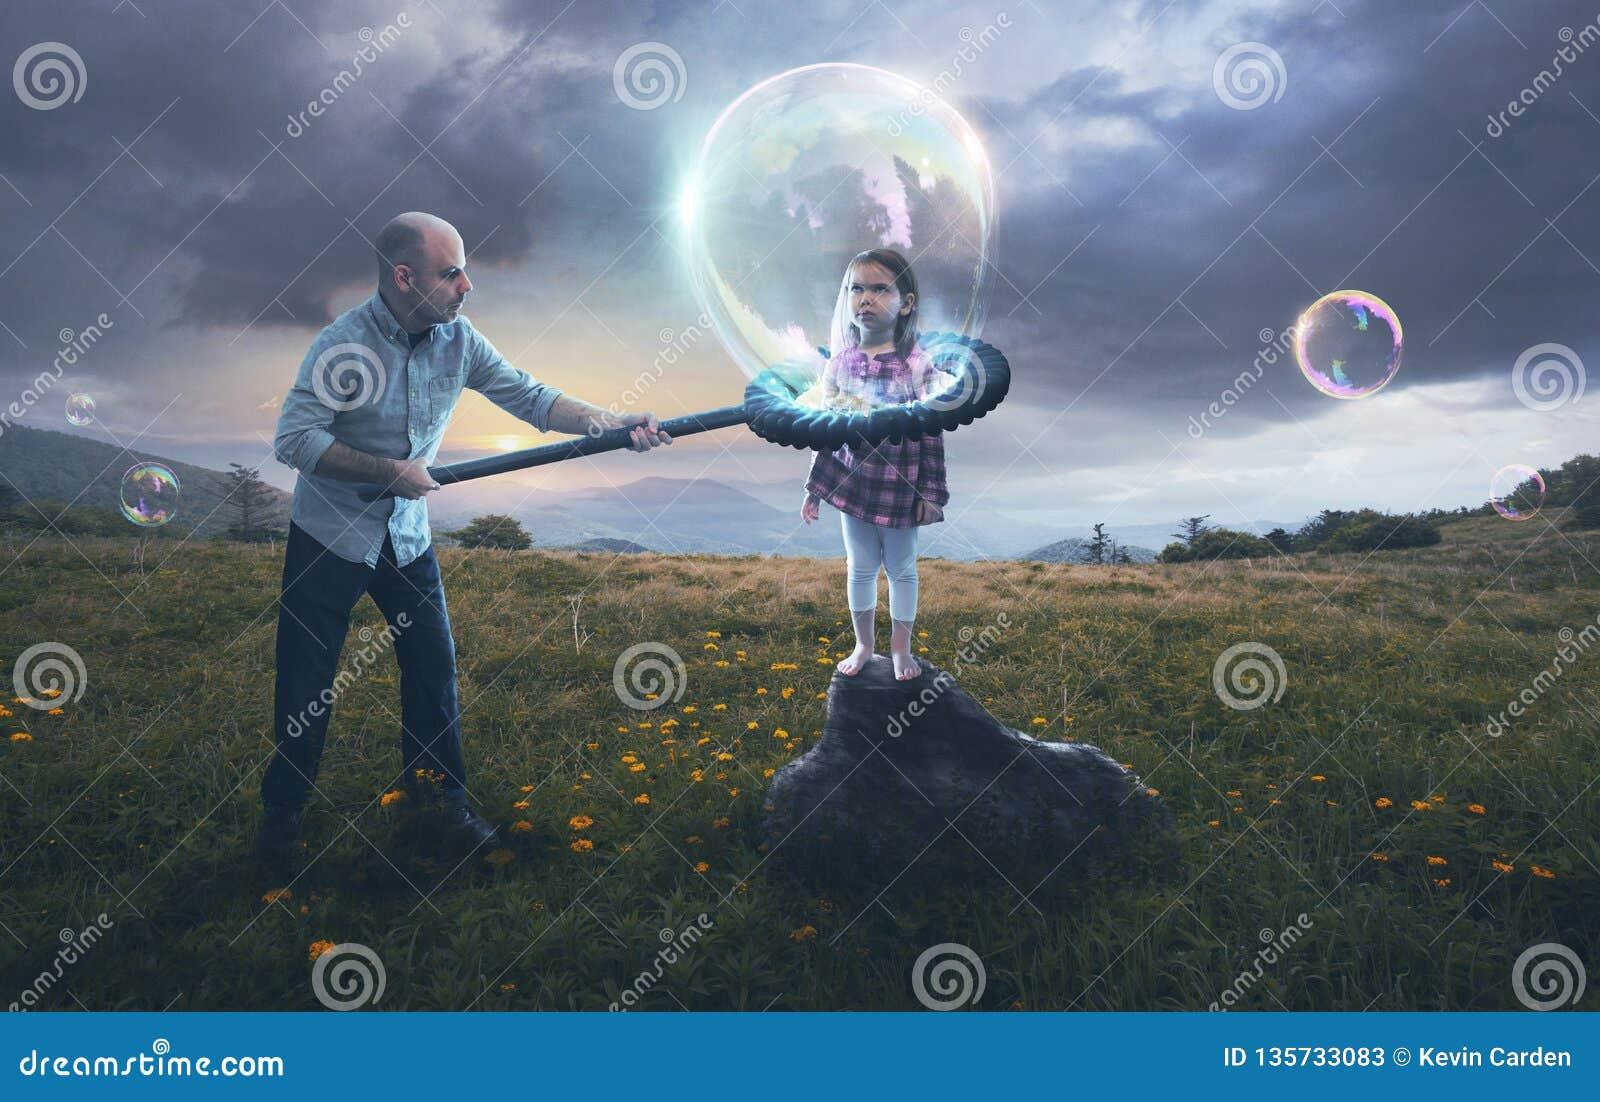 投入孩子的父亲在泡影